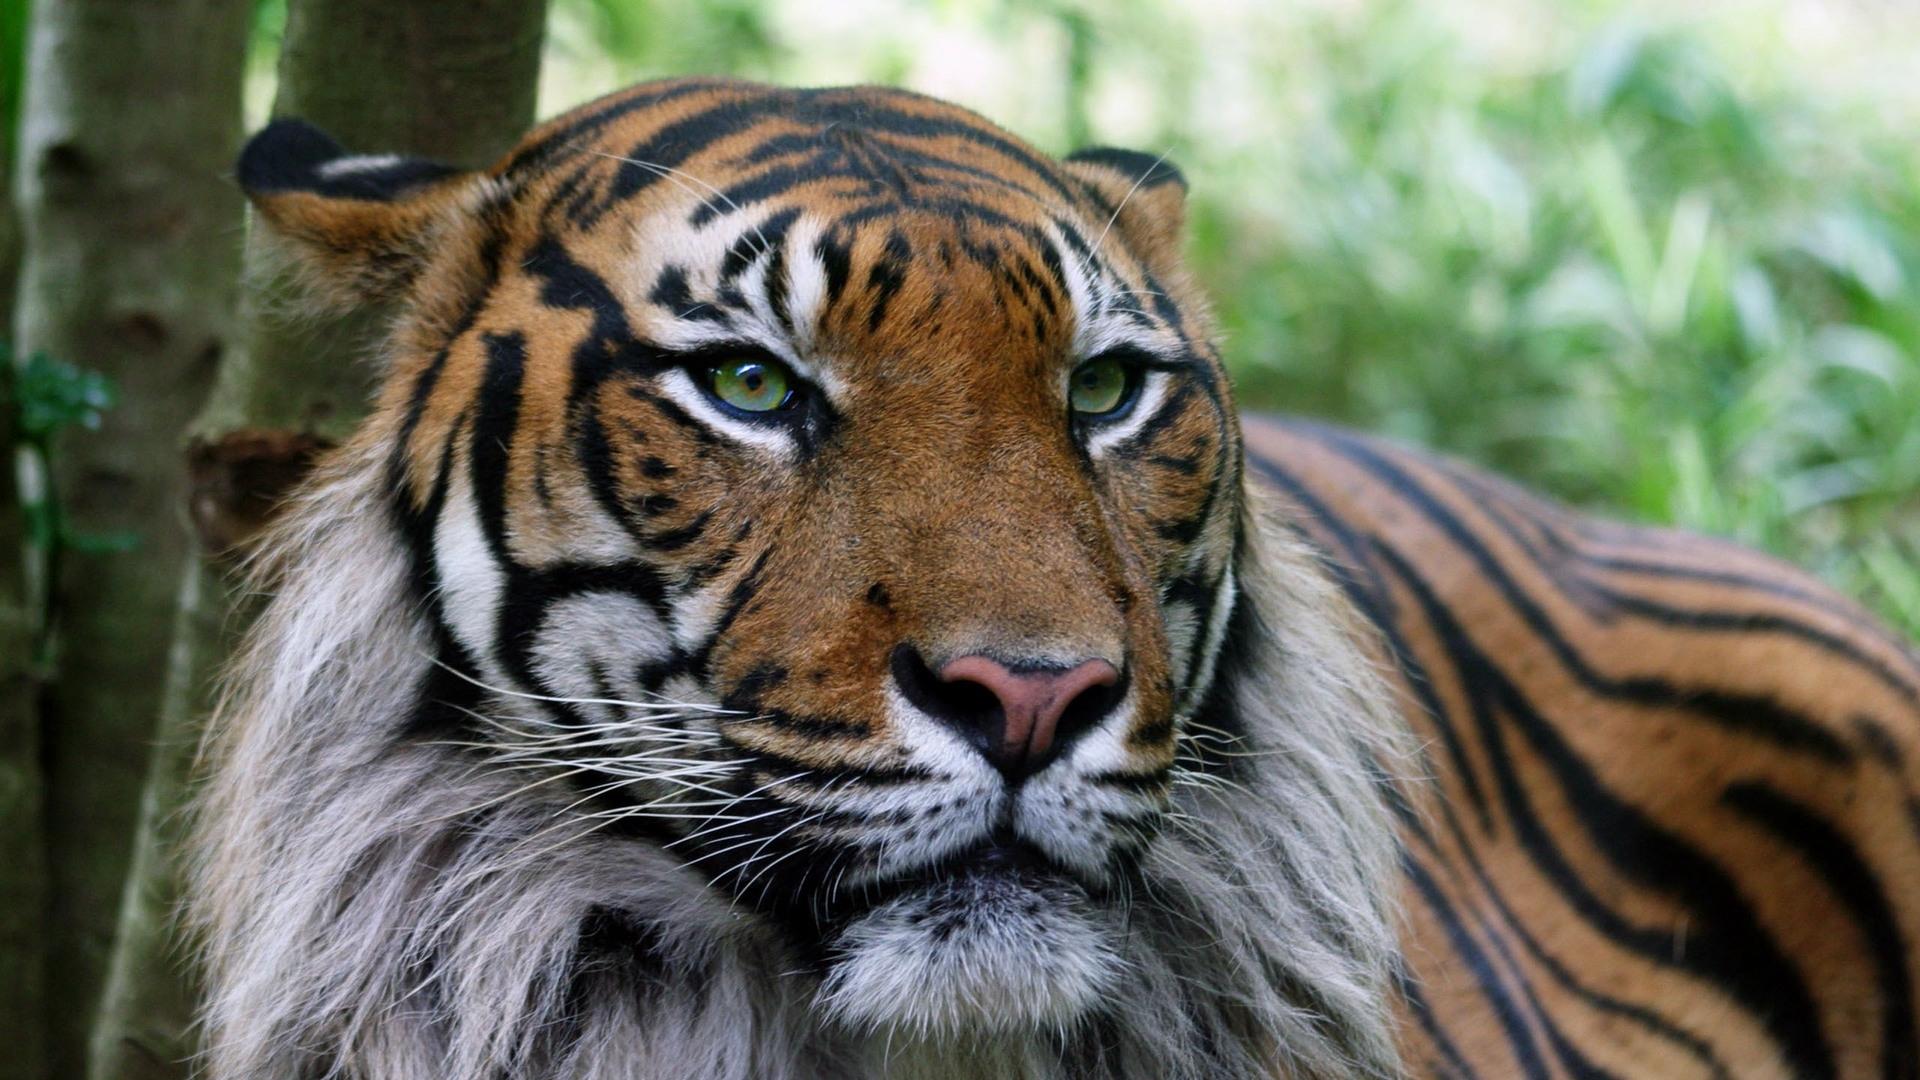 24360 Заставки и Обои Тигры на телефон. Скачать Животные, Тигры картинки бесплатно